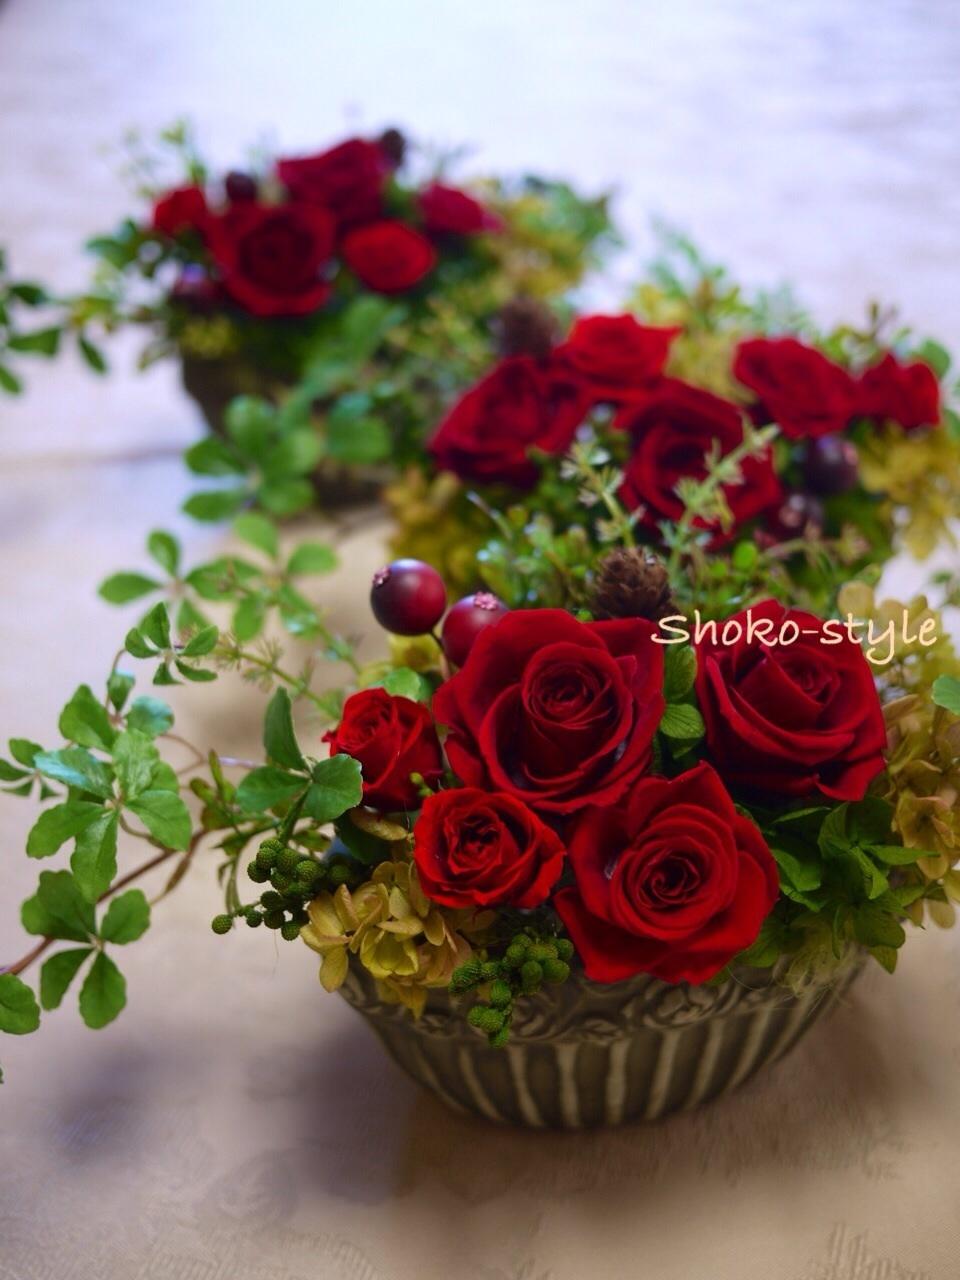 やっぱり赤が好き_a0135999_00134369.jpg